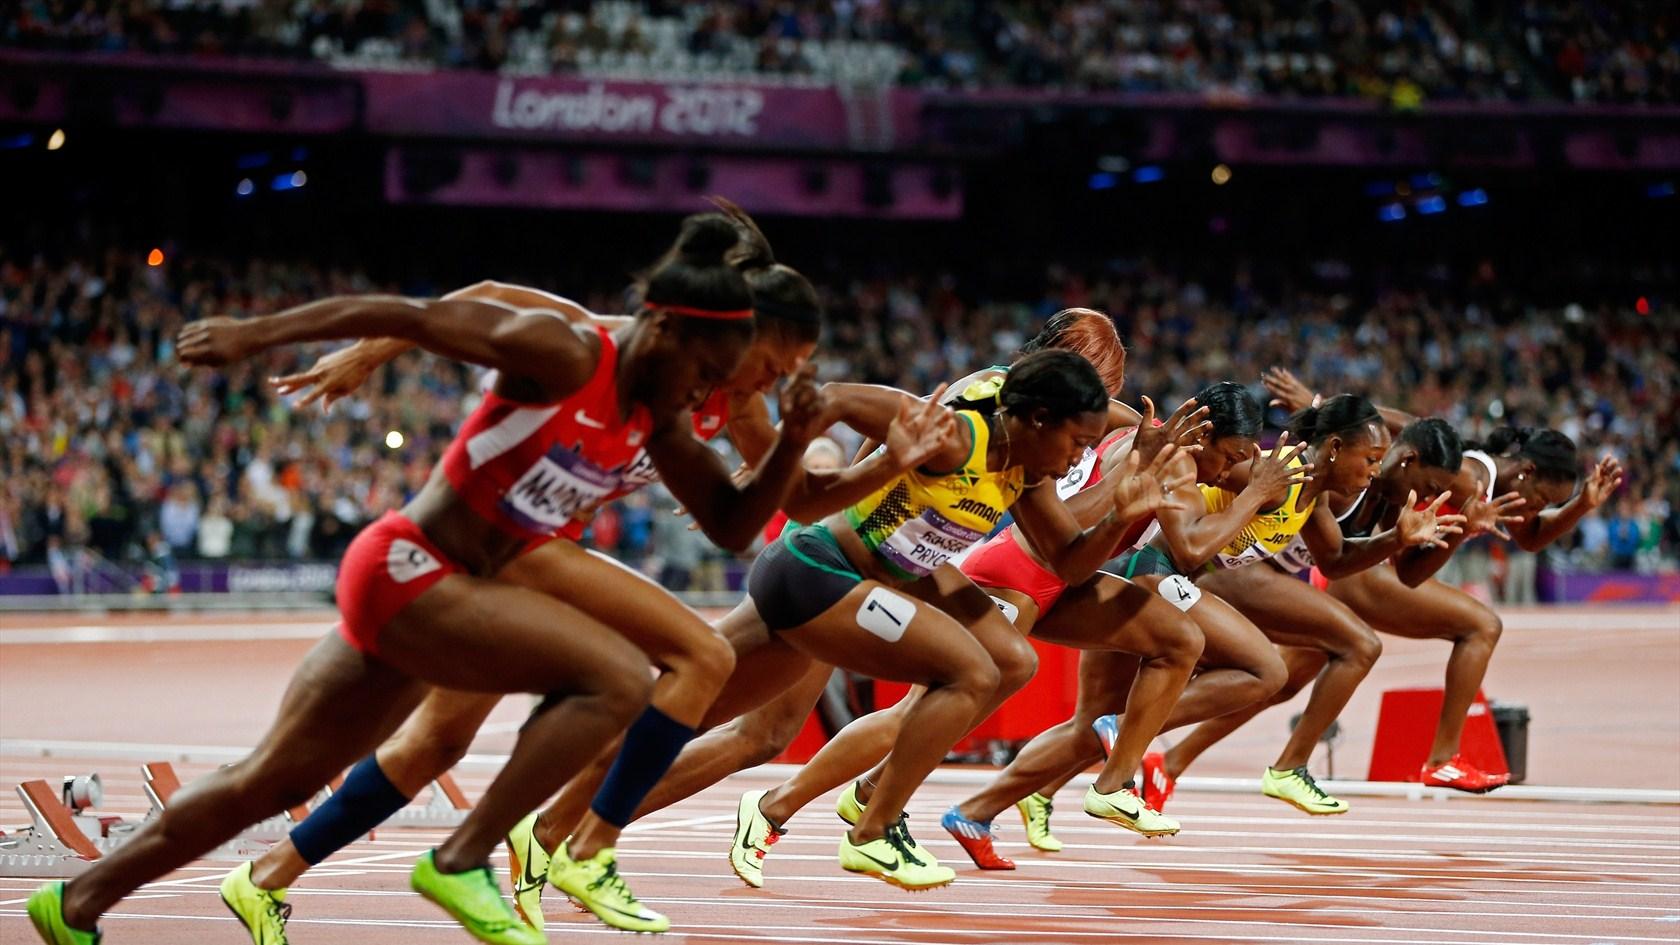 टोक्यो परेड में ओलम्पिक, पैरालम्पिक खिलाड़ियों को सराहा